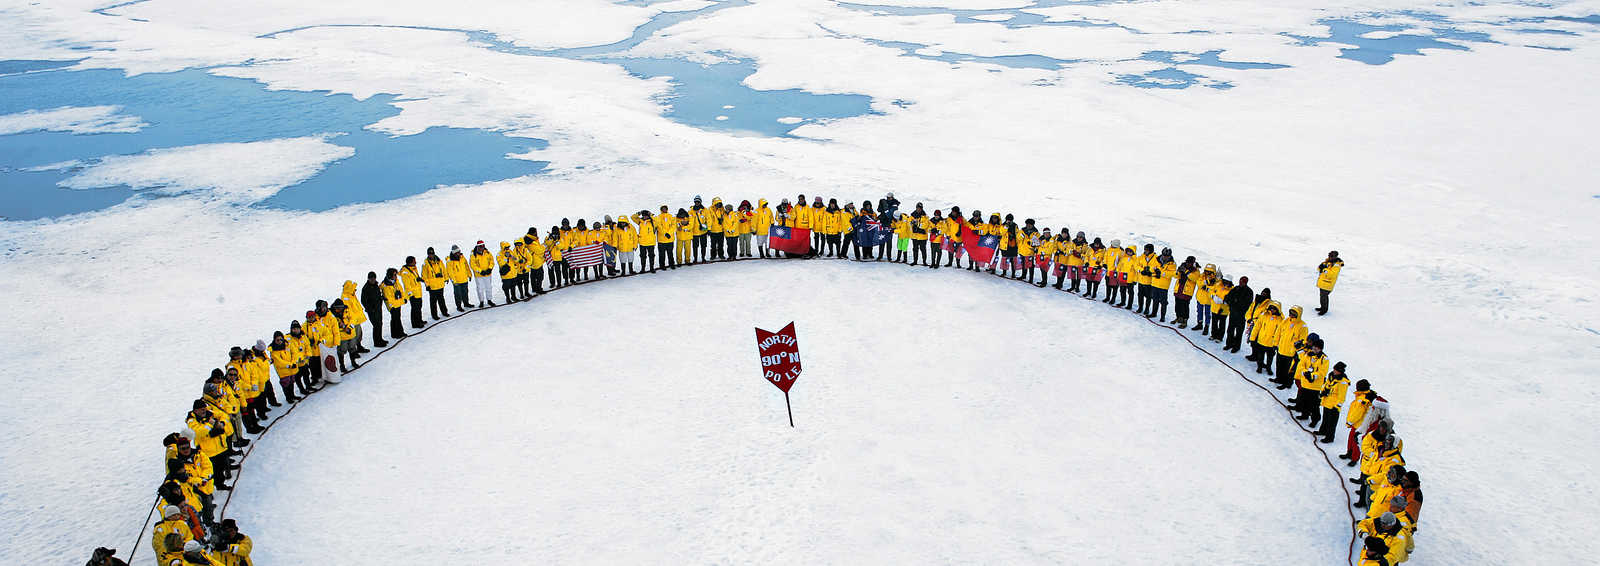 Human circle at the North Pole